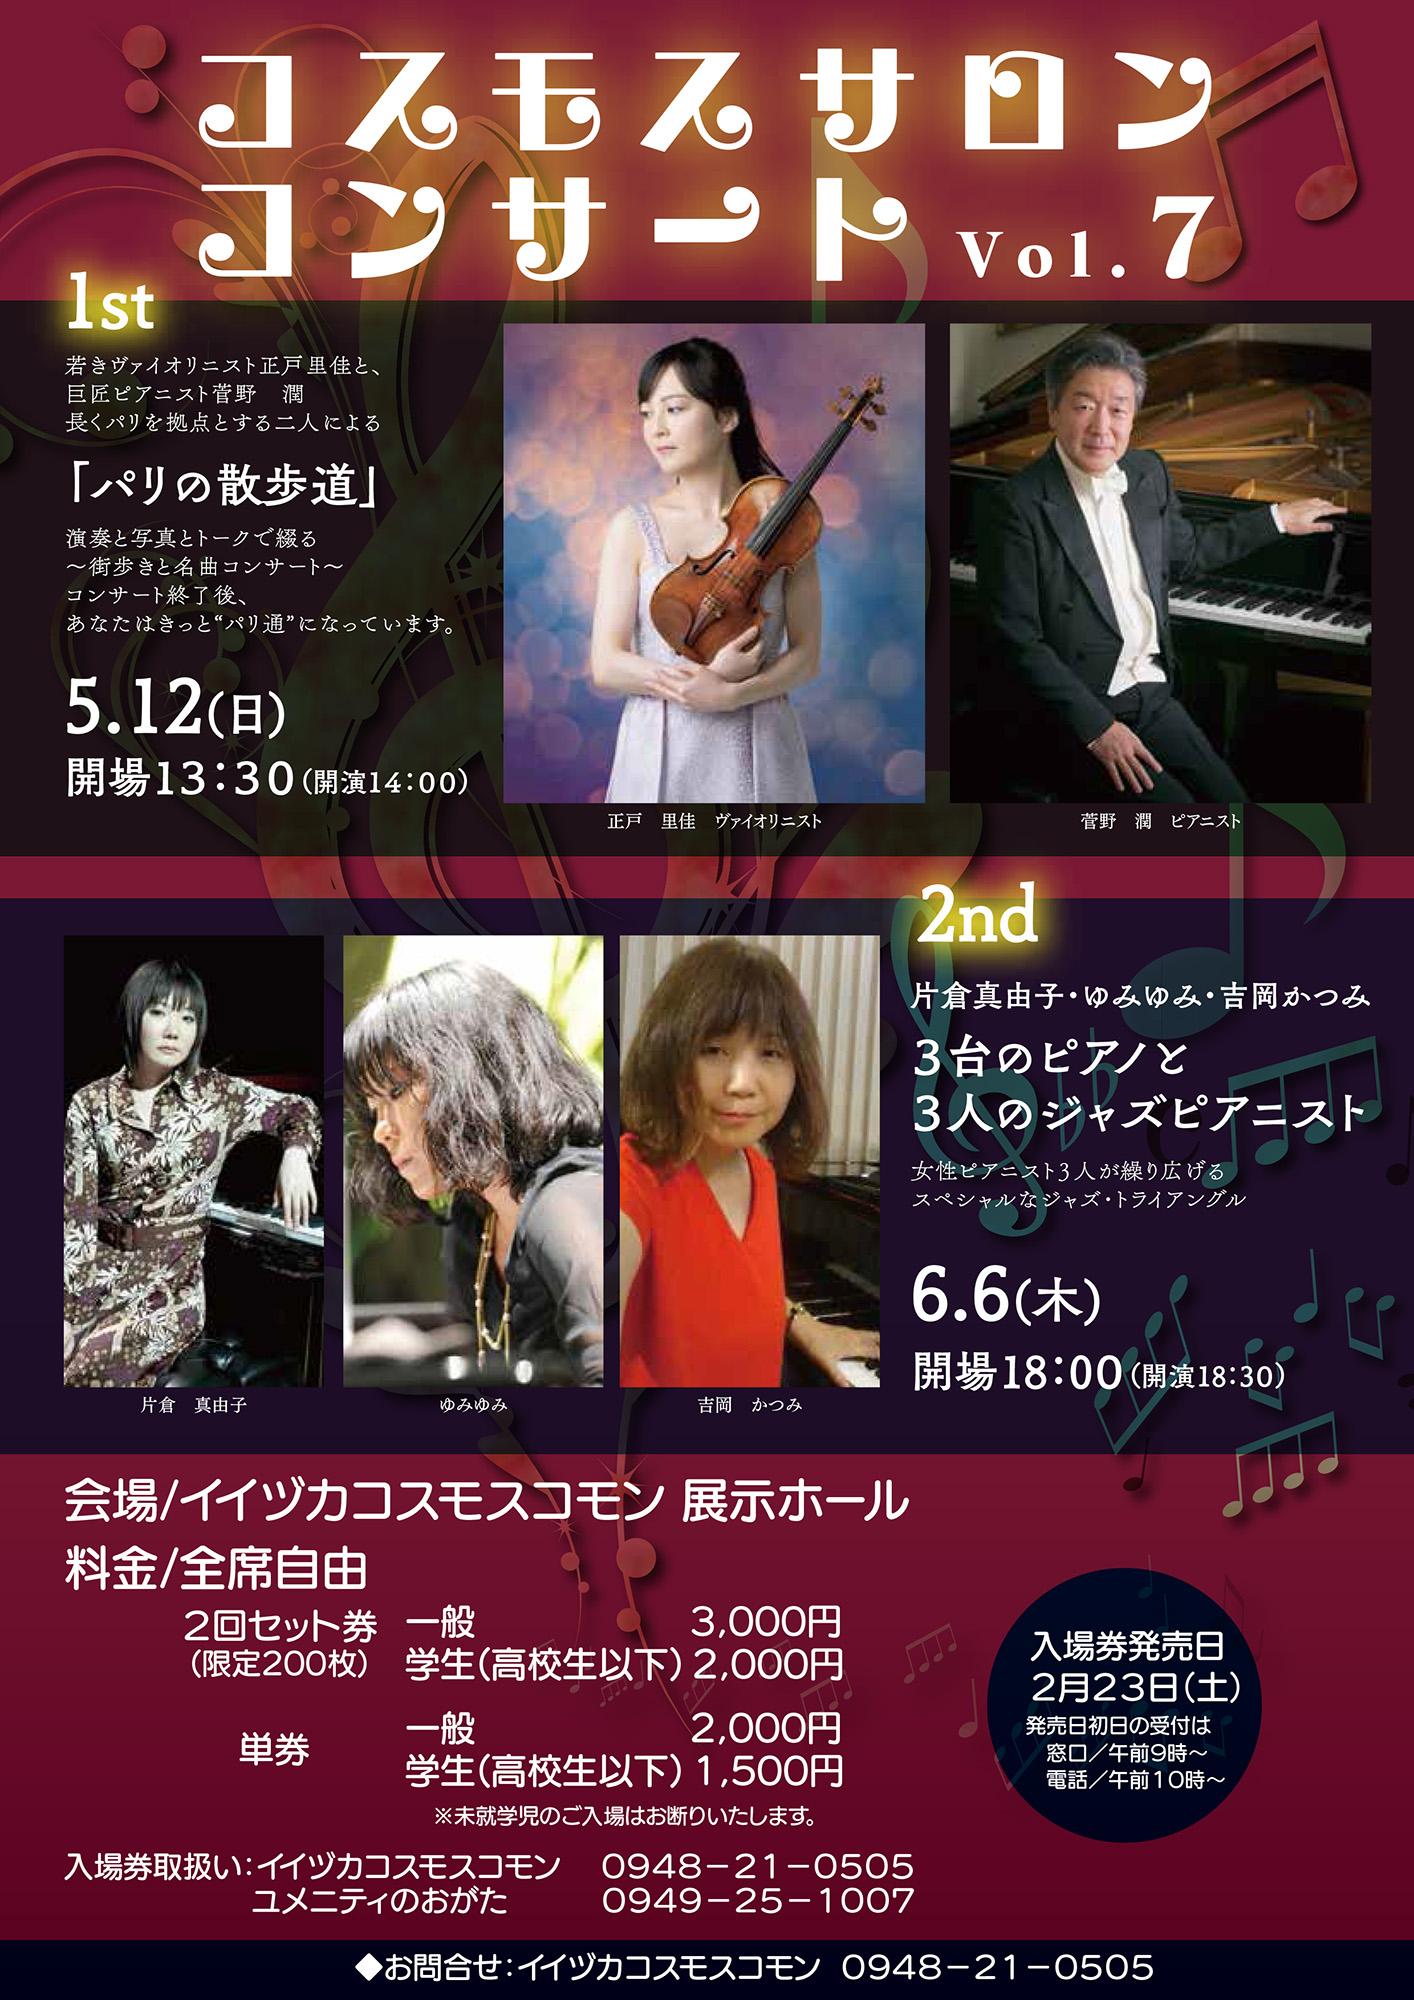 コスモスサロンコンサートVol.7 表